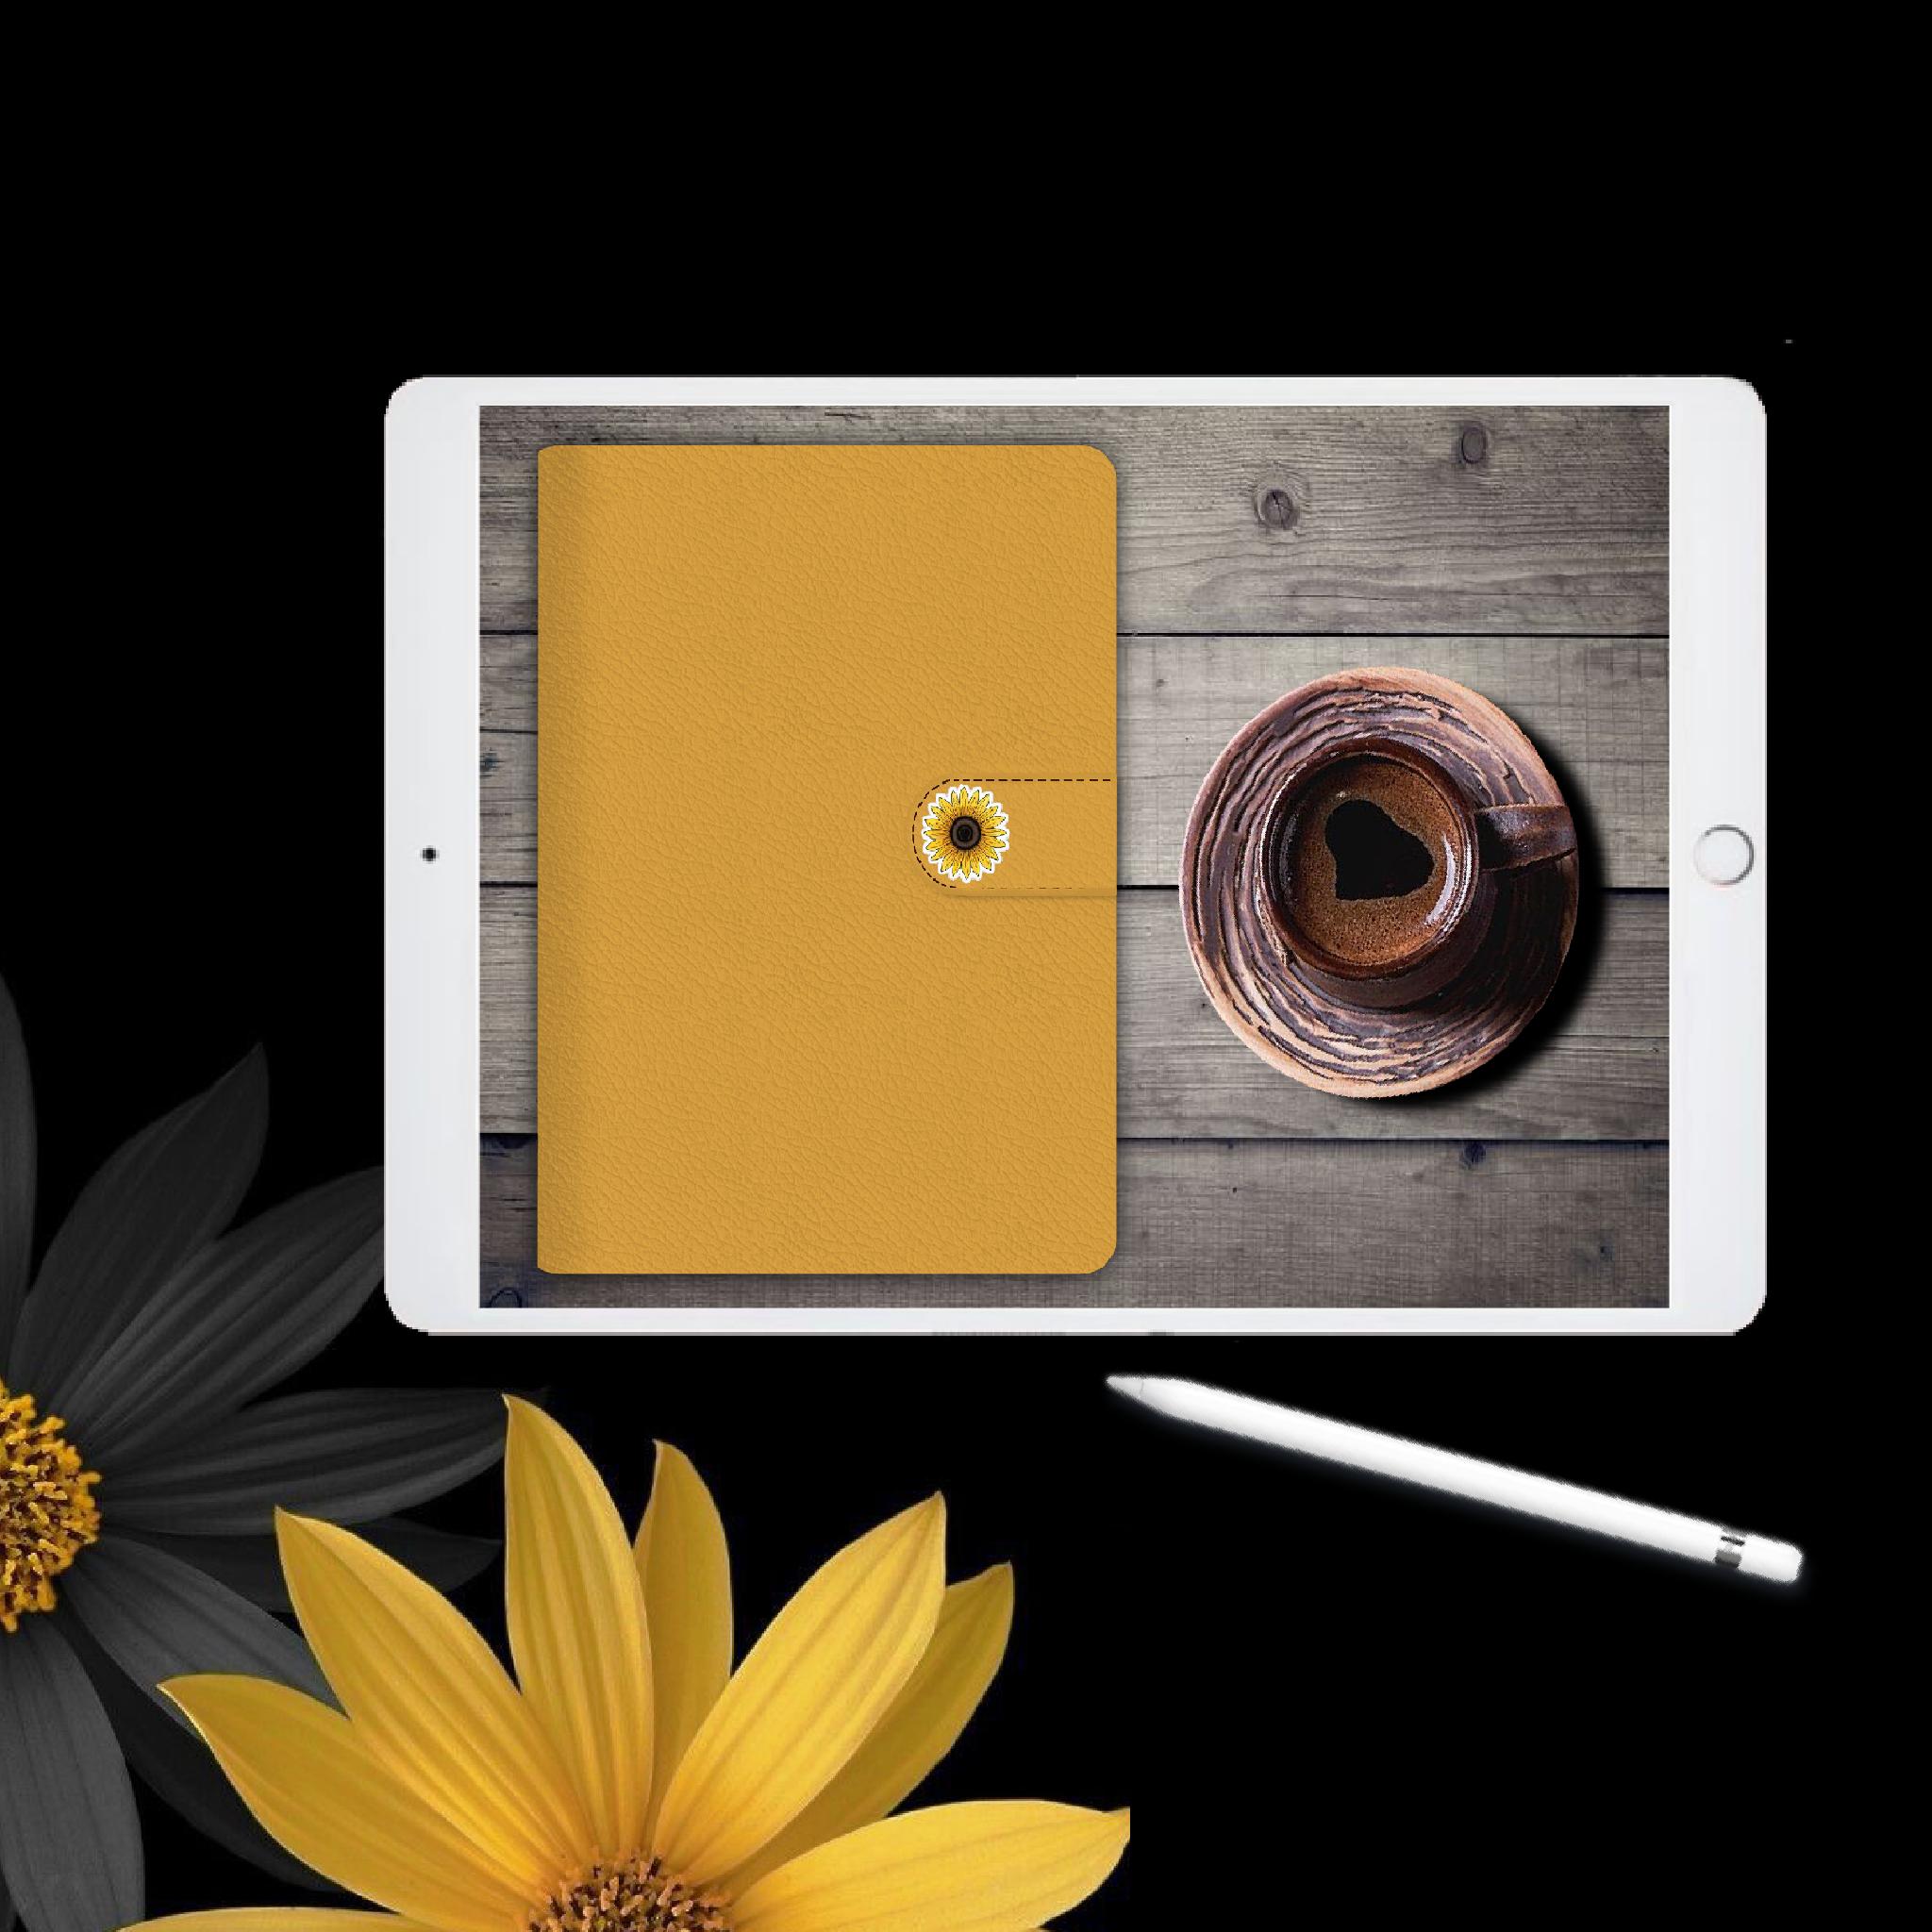 اجندة نبتتي المفضلة دوار الشمس Notability Tablet Electronic Products Electronics